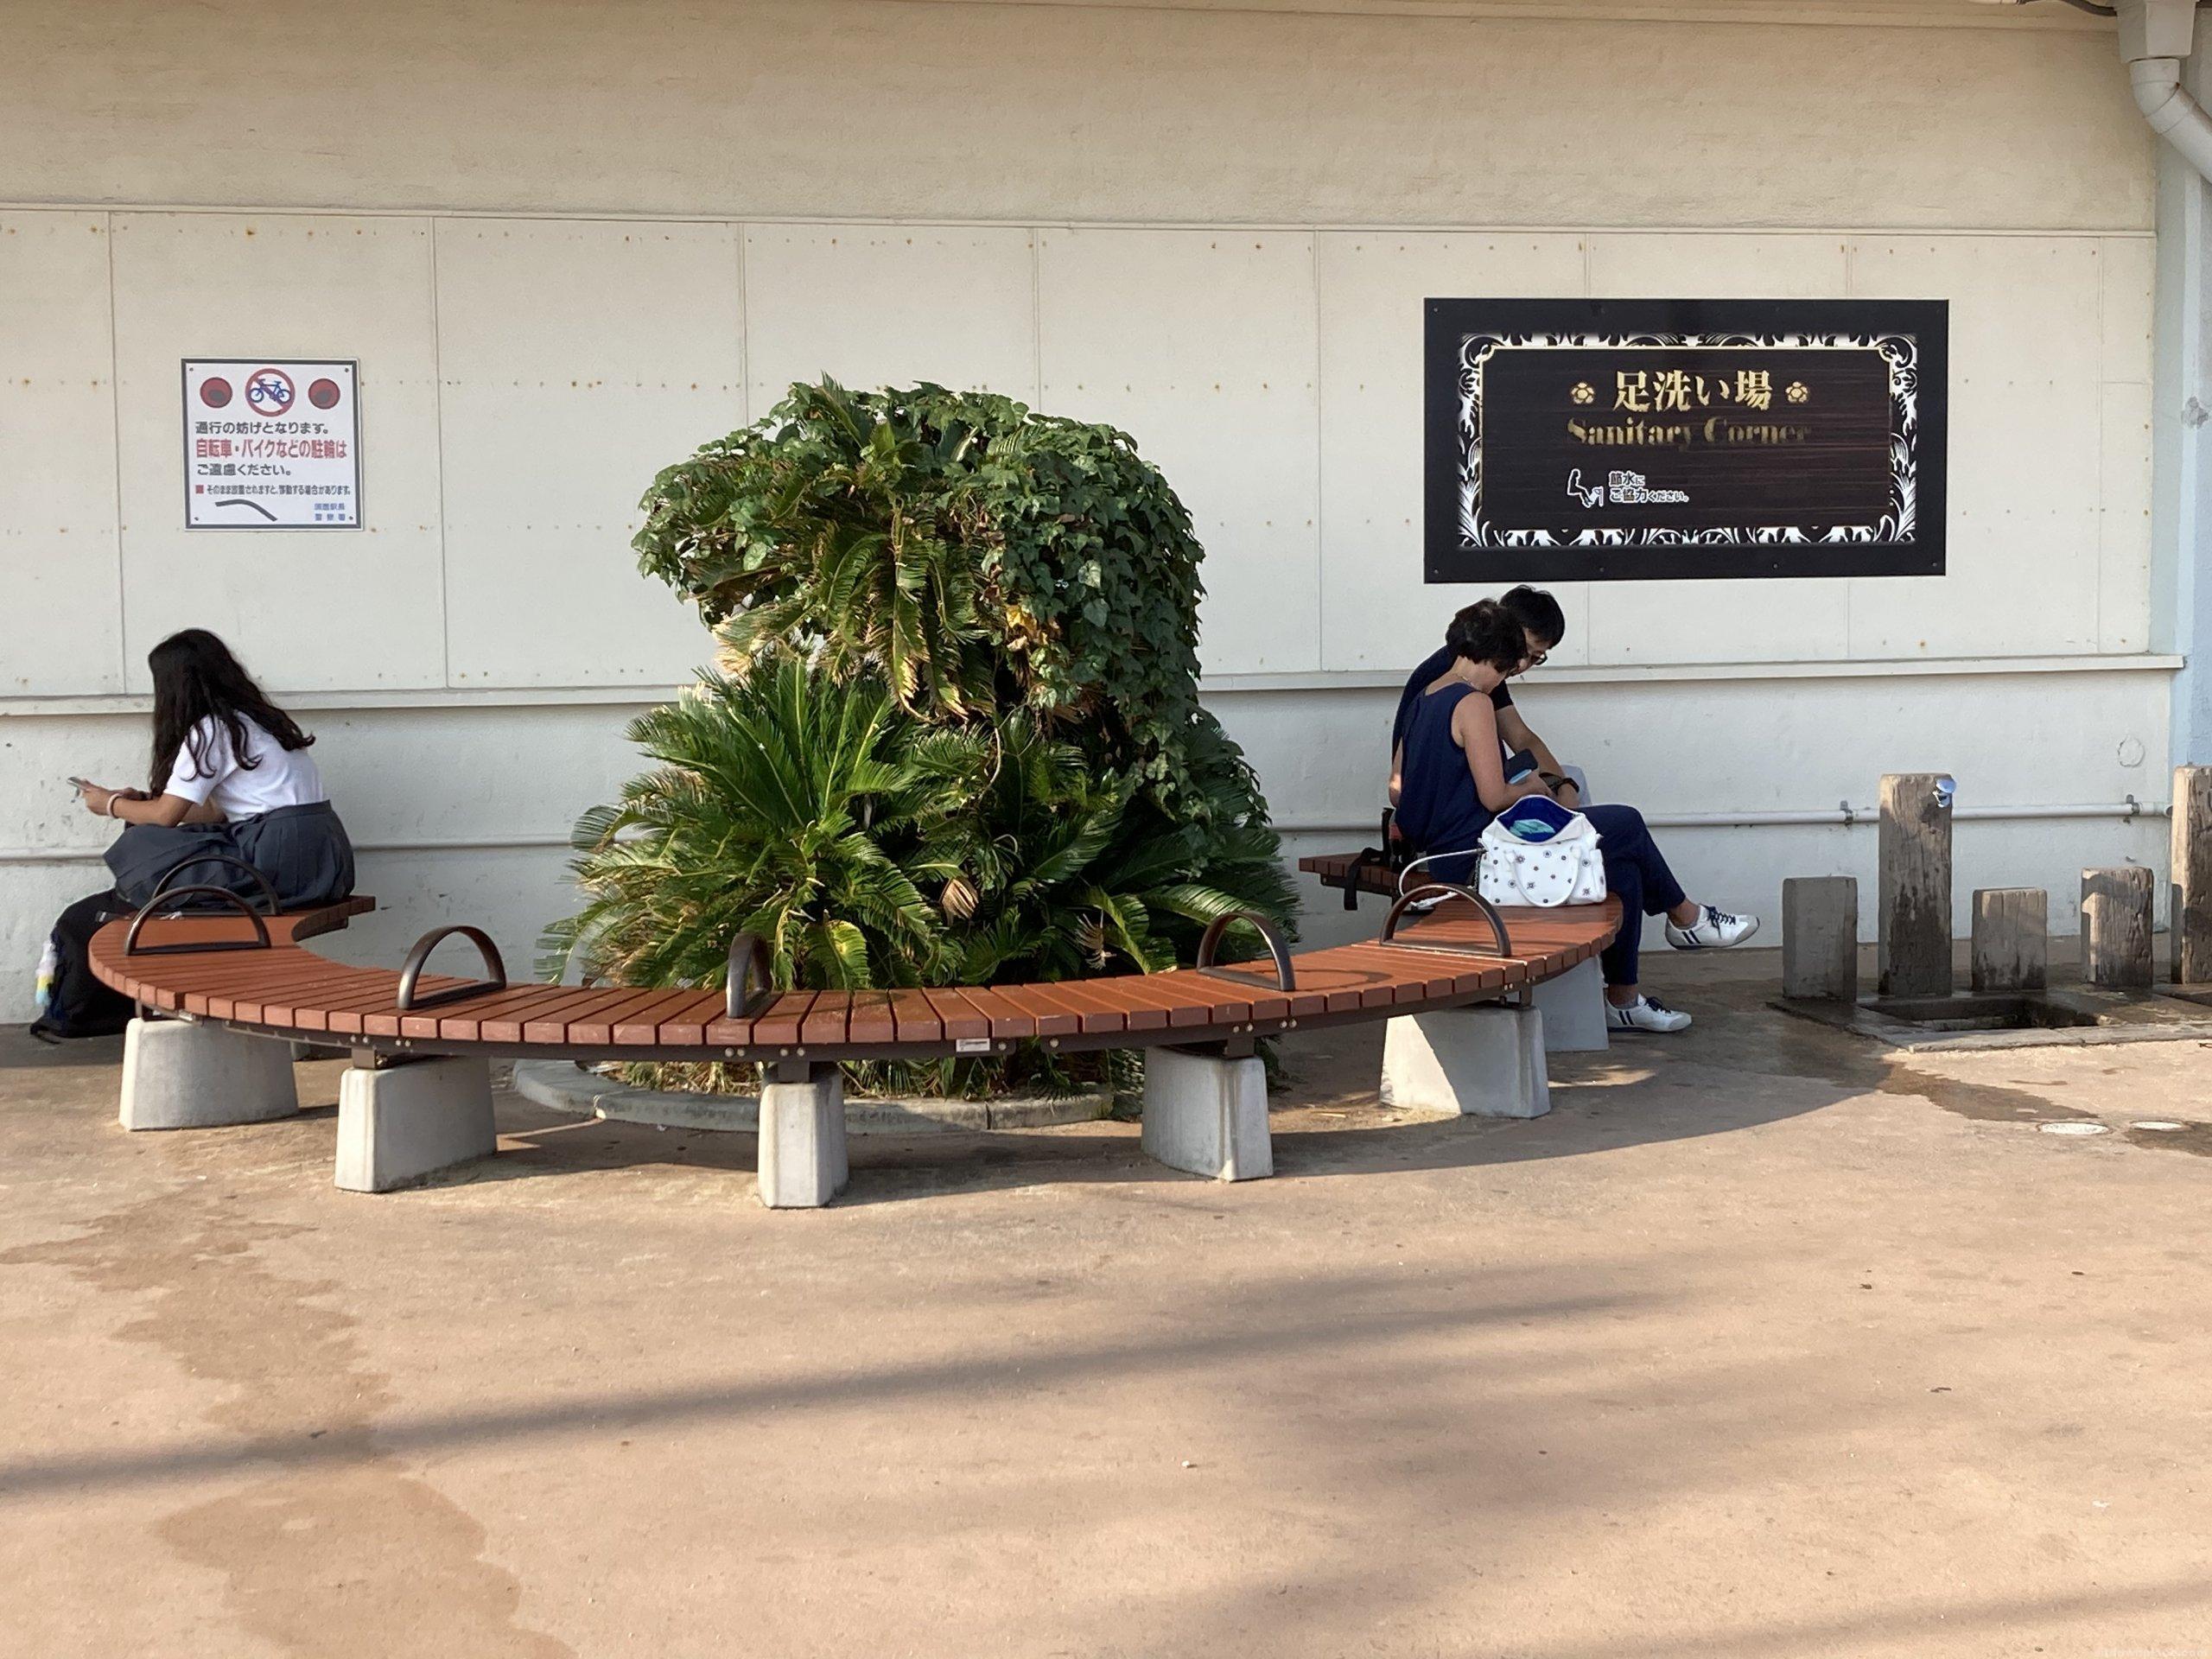 【須磨駅】南口階段下の休憩場所3